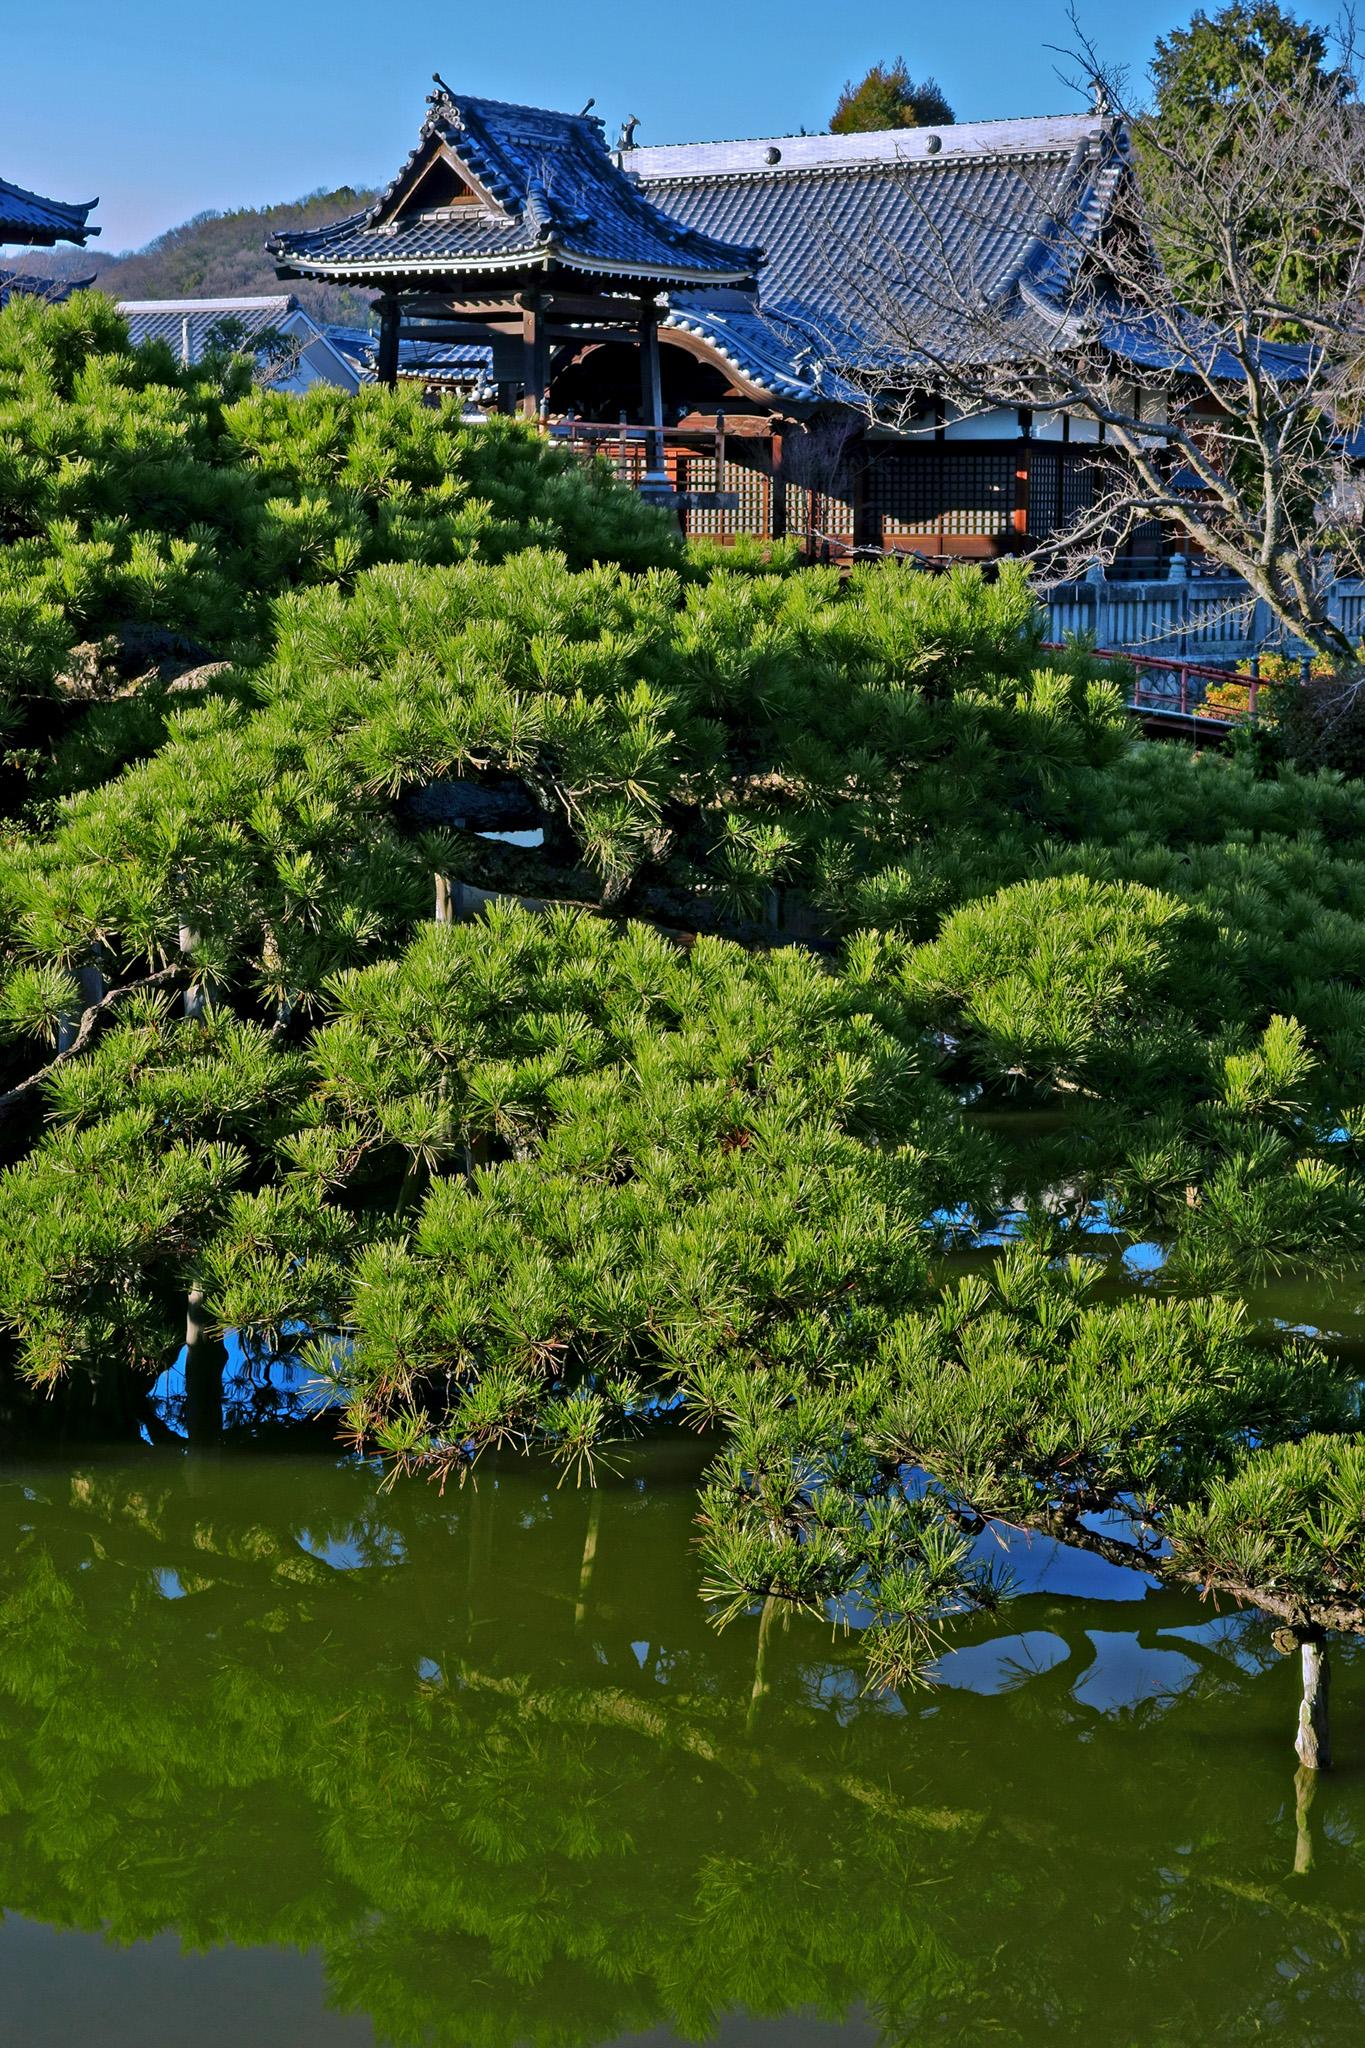 「池と松と日本寺院」のテクスチャを無料ダウンロード